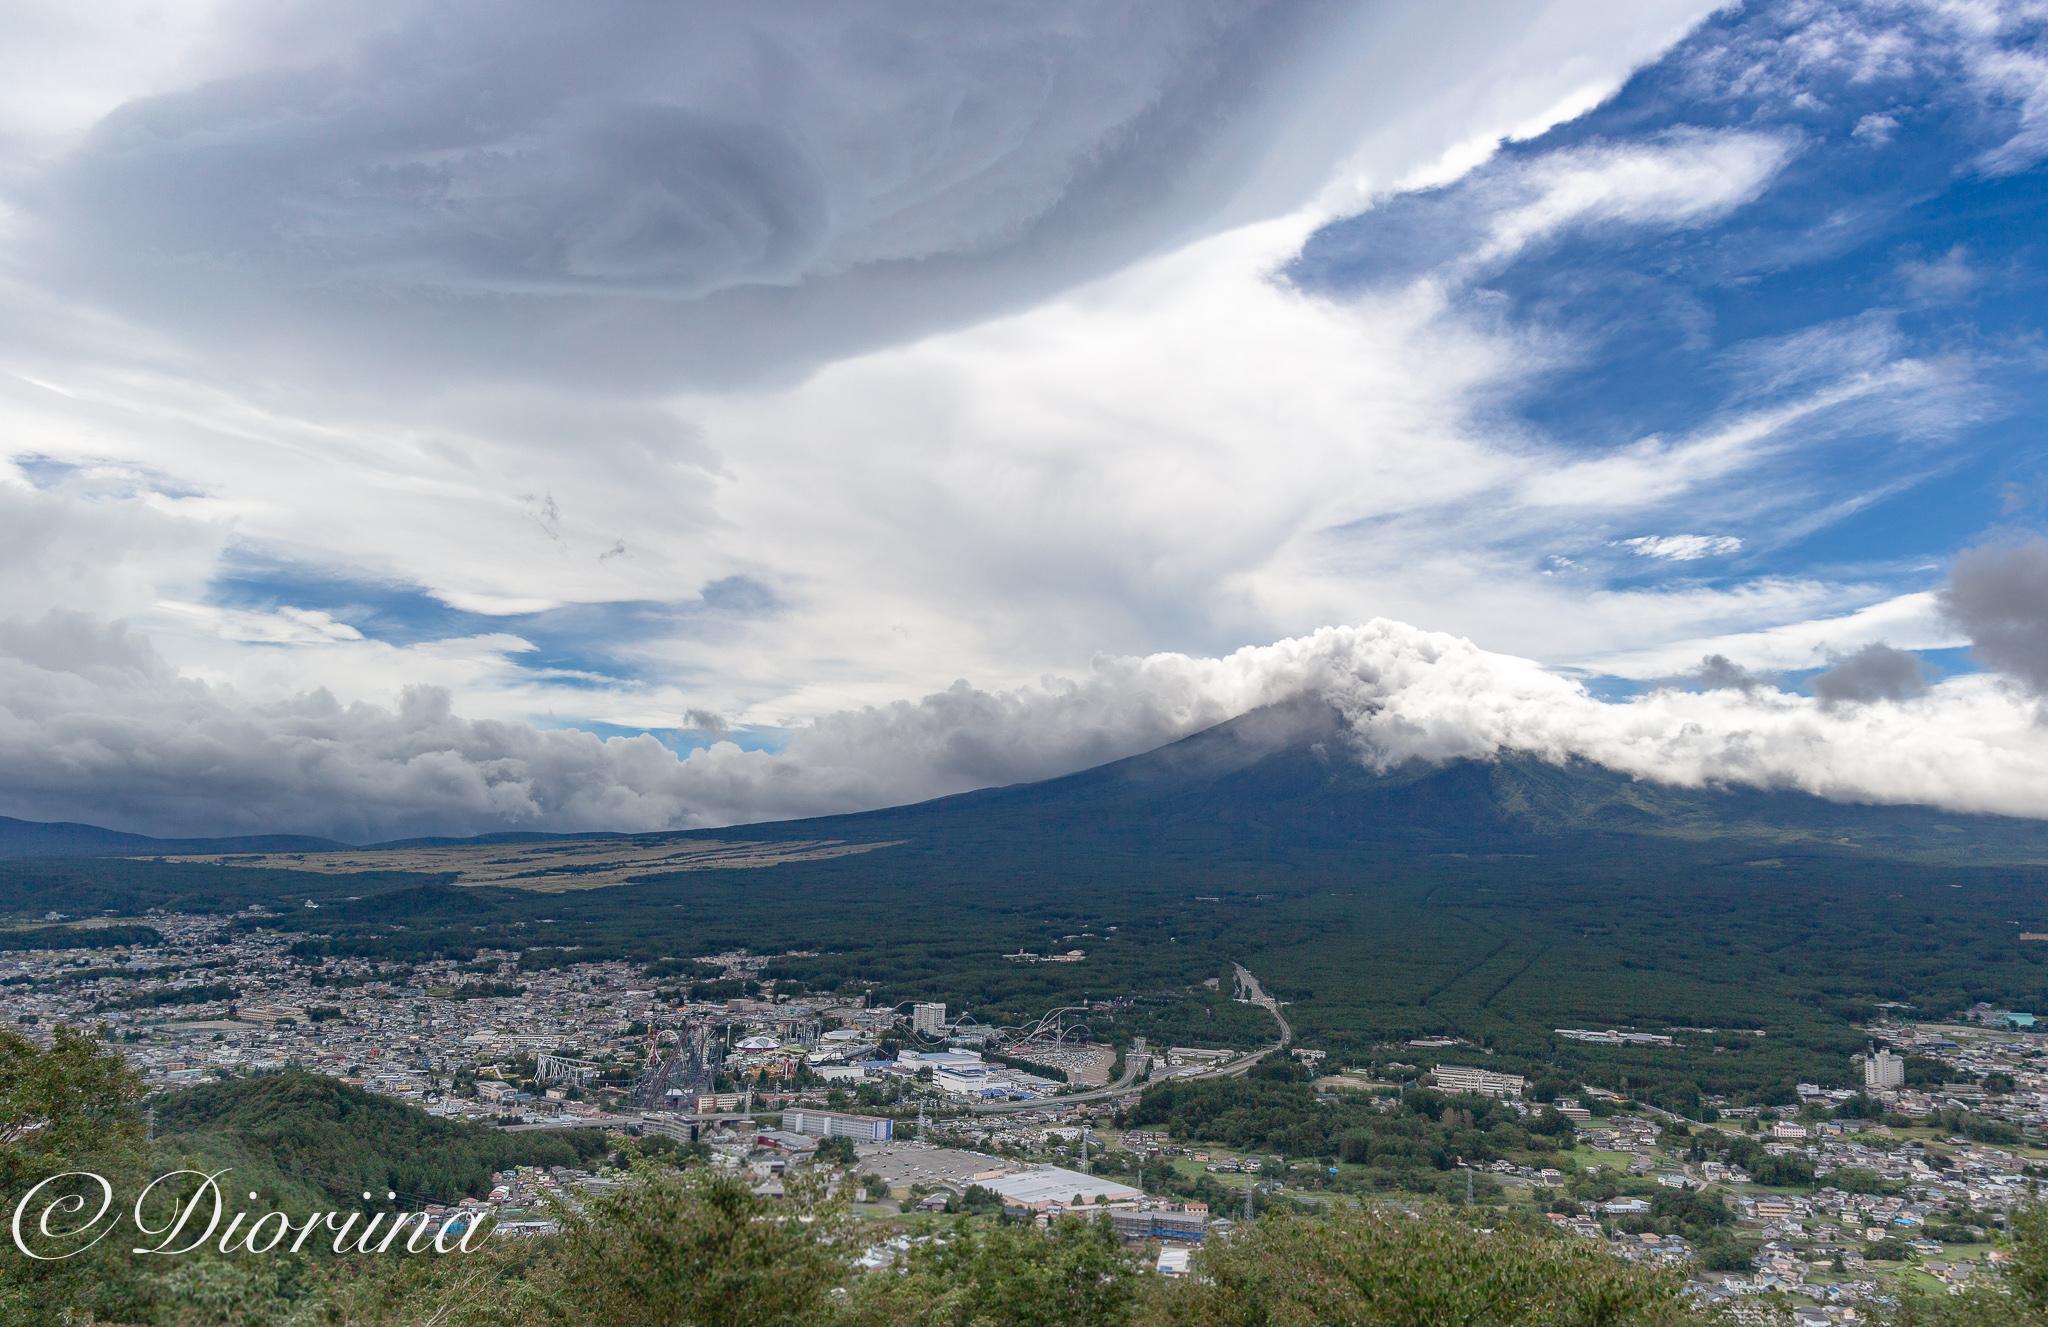 Fuji tulivuori